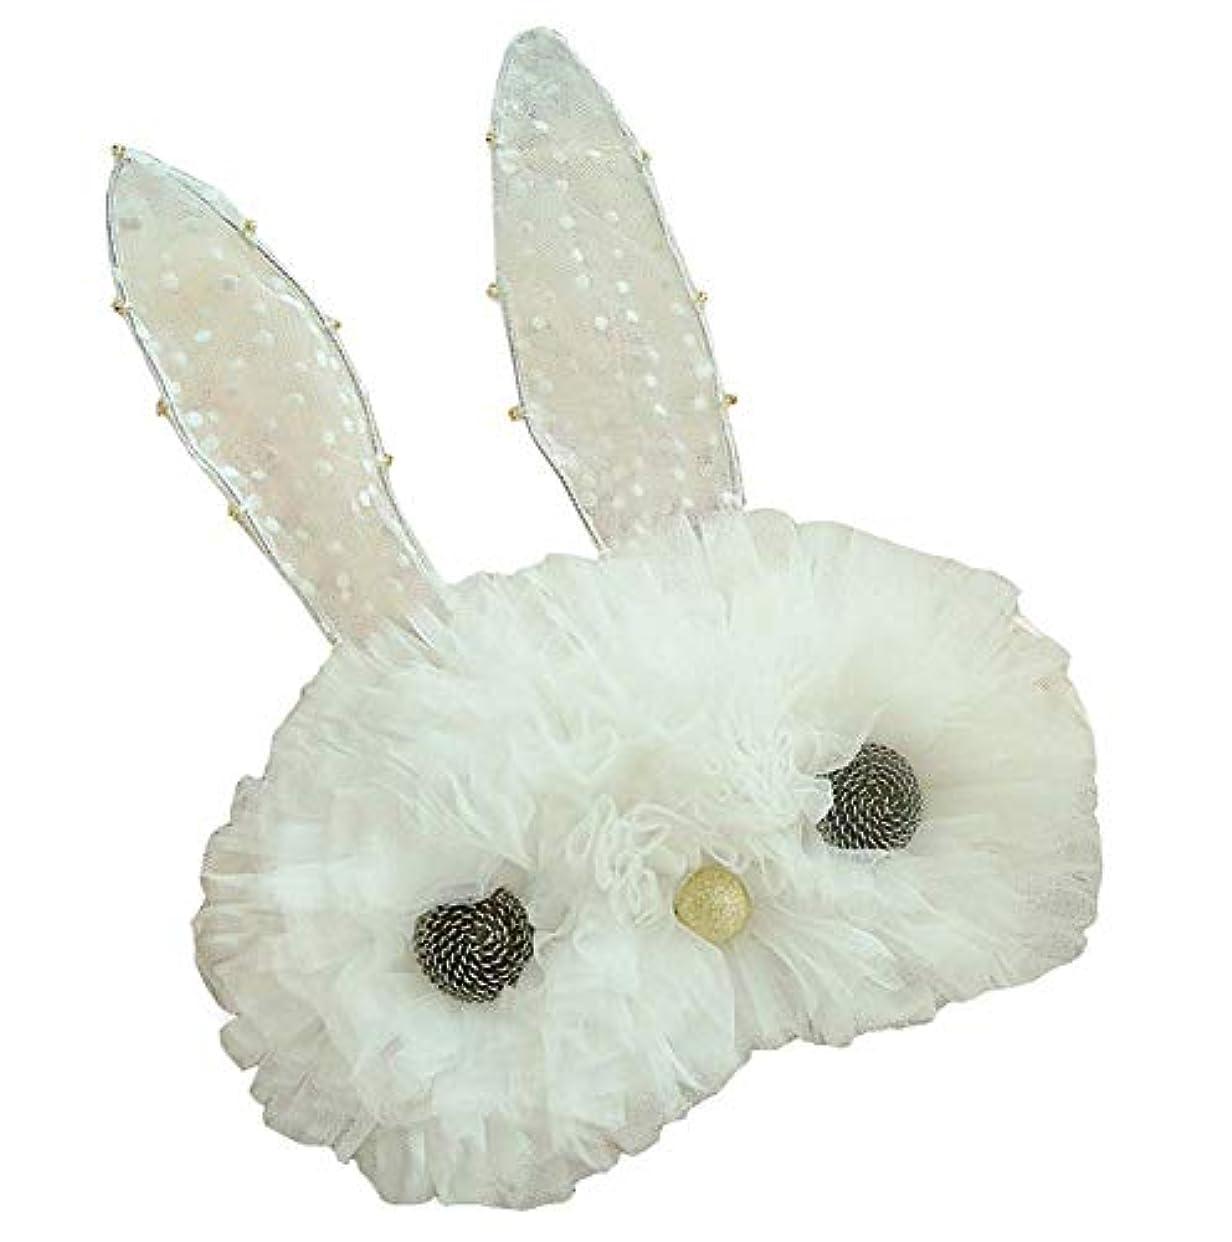 インペリアルキリストと組む白くかわいいウサギの睡眠の目マスクの柔らかい目隠しの睡眠のマスクの家の睡眠旅行のための目カバー